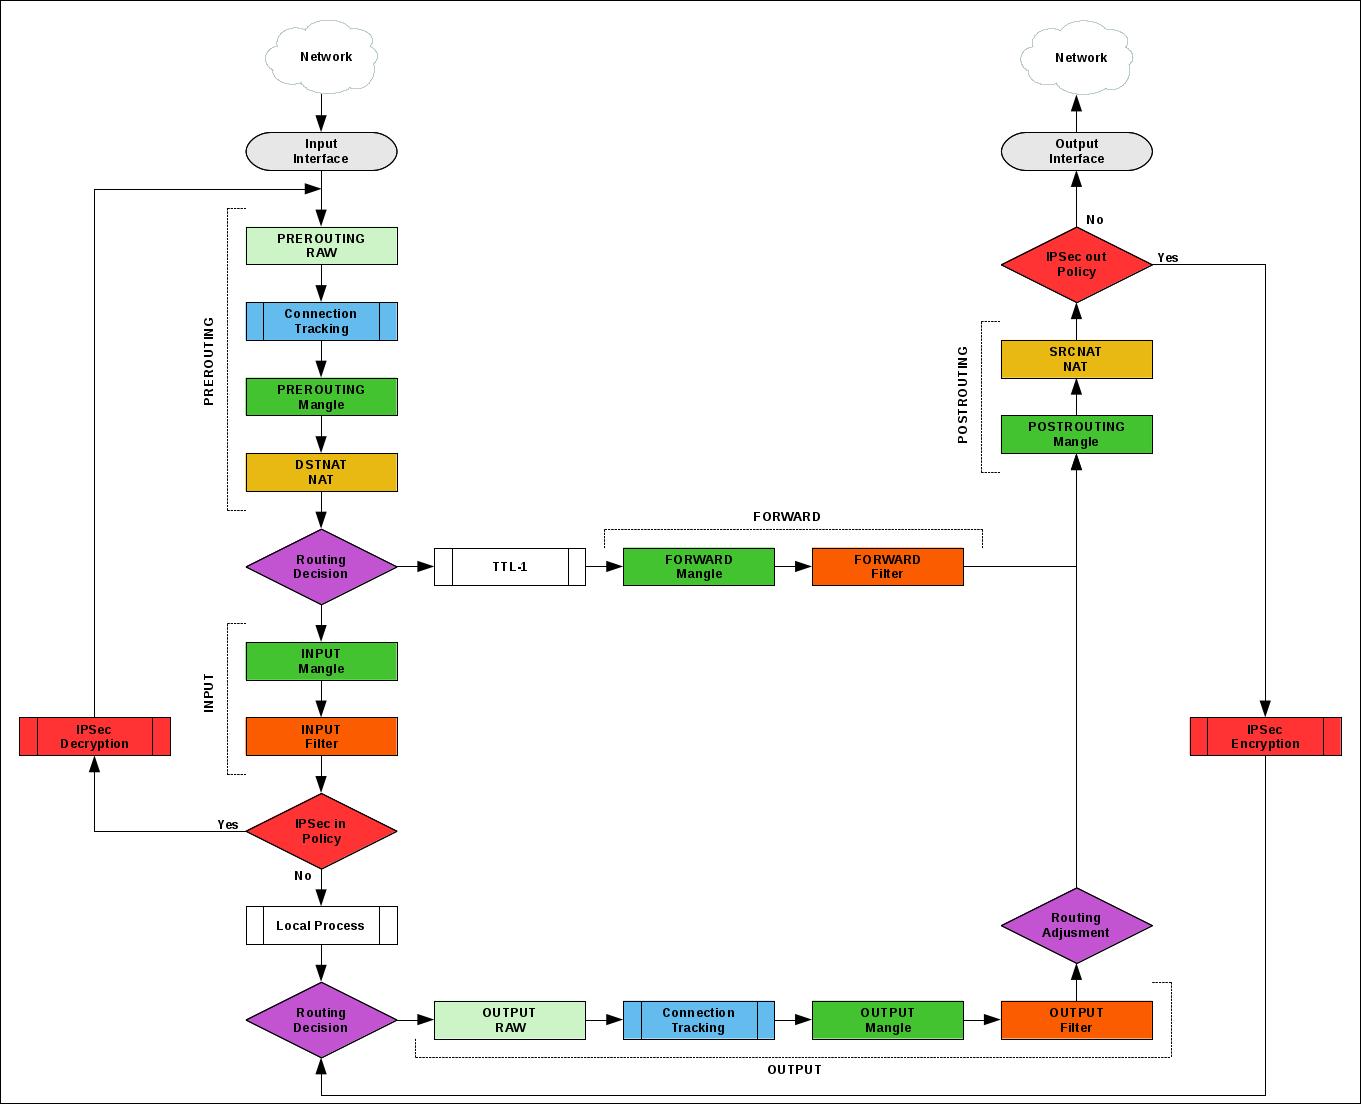 Overview of IPSec in Mikrotik